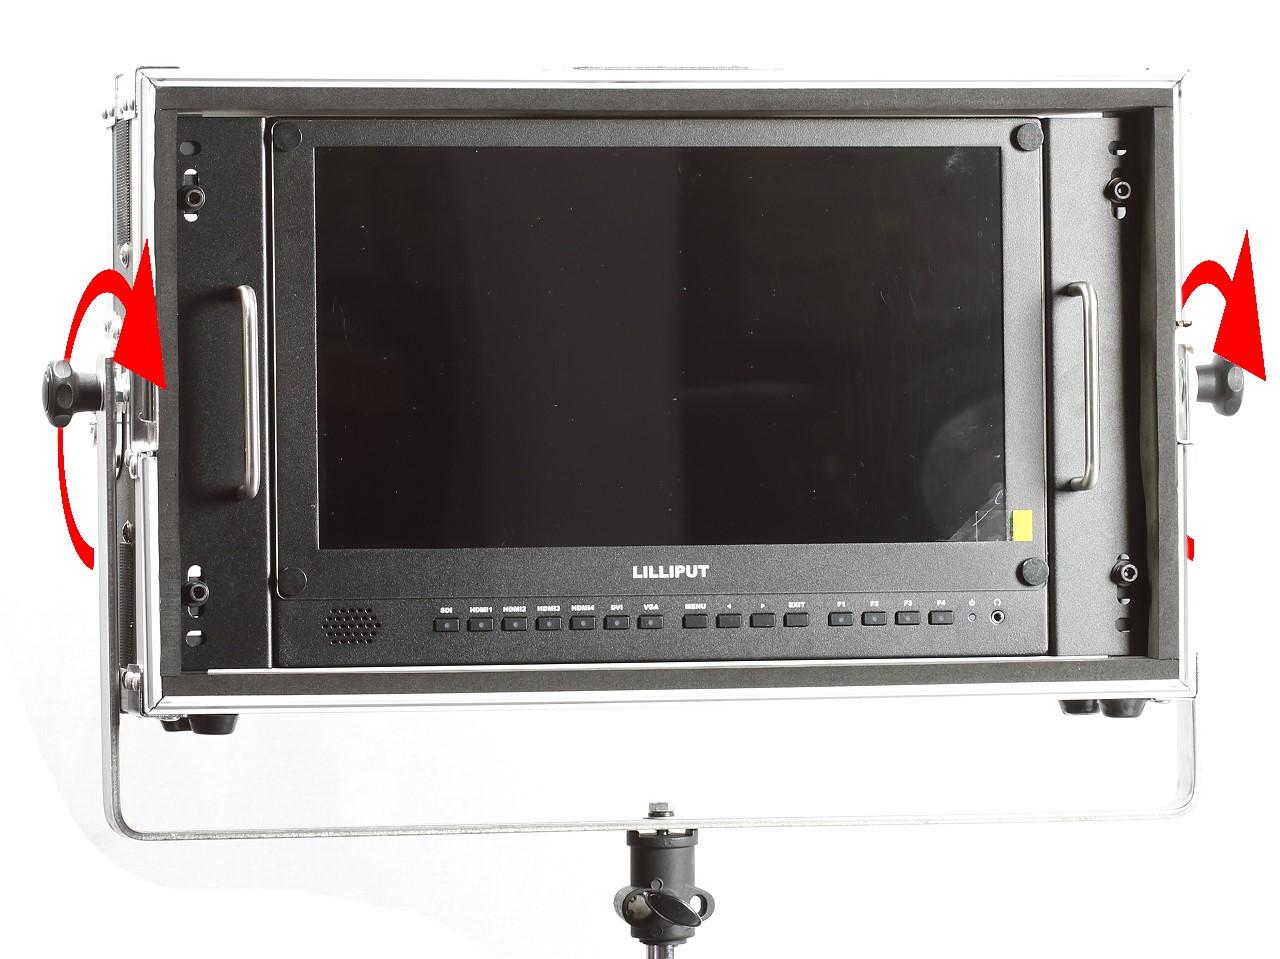 Artikelfoto Lilliput 15.6 Zoll 4K HDR Monitor mit Schwenkrahmen für Lichtstativ BM150-4KS-LP